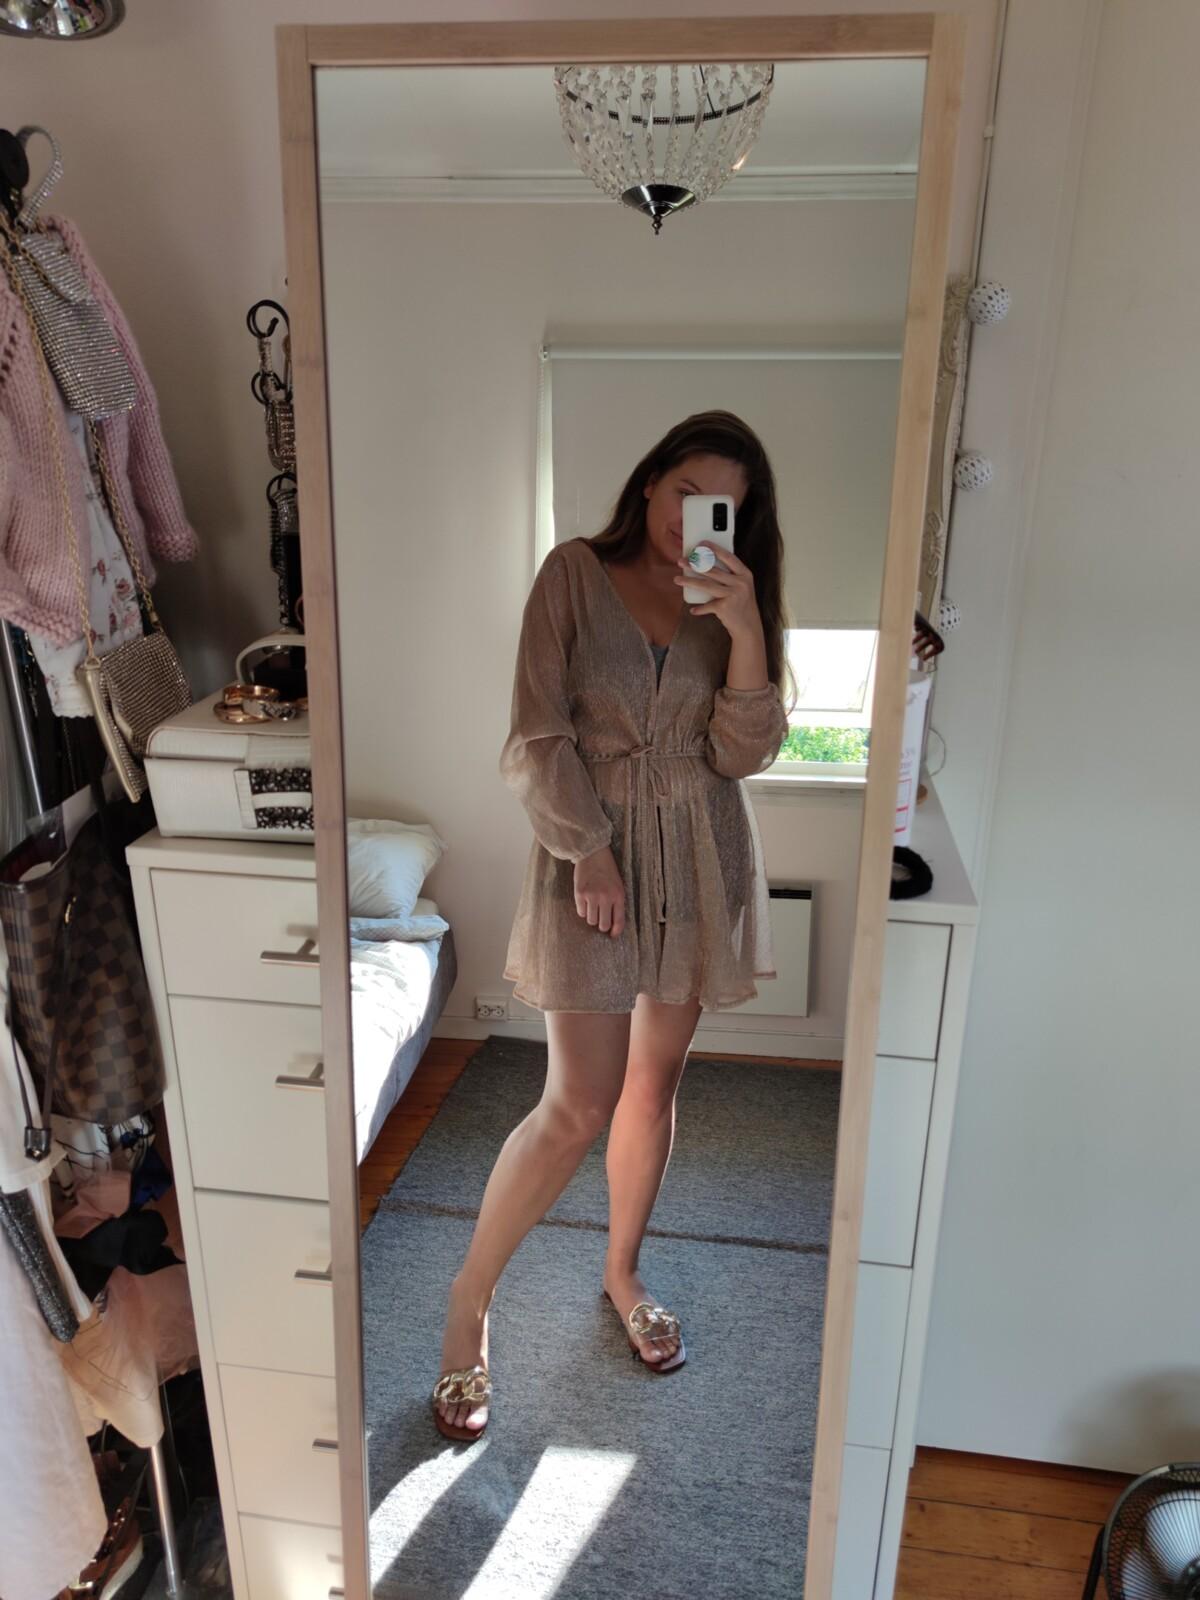 hm-hennesogmauritz-innkjøp-handel-shopping-kjoler-sommershopping-sommerklær-kjøp-newin-klær-outfit-antrekk-sko-veganskesko-veganshoes-vegansko-vegansk-skinn-isalicious-isalicious1-isalicious.blogg.no-h&m-blogger-blogg-mote-trend-stil-fashion-style-inspo-storshopping-